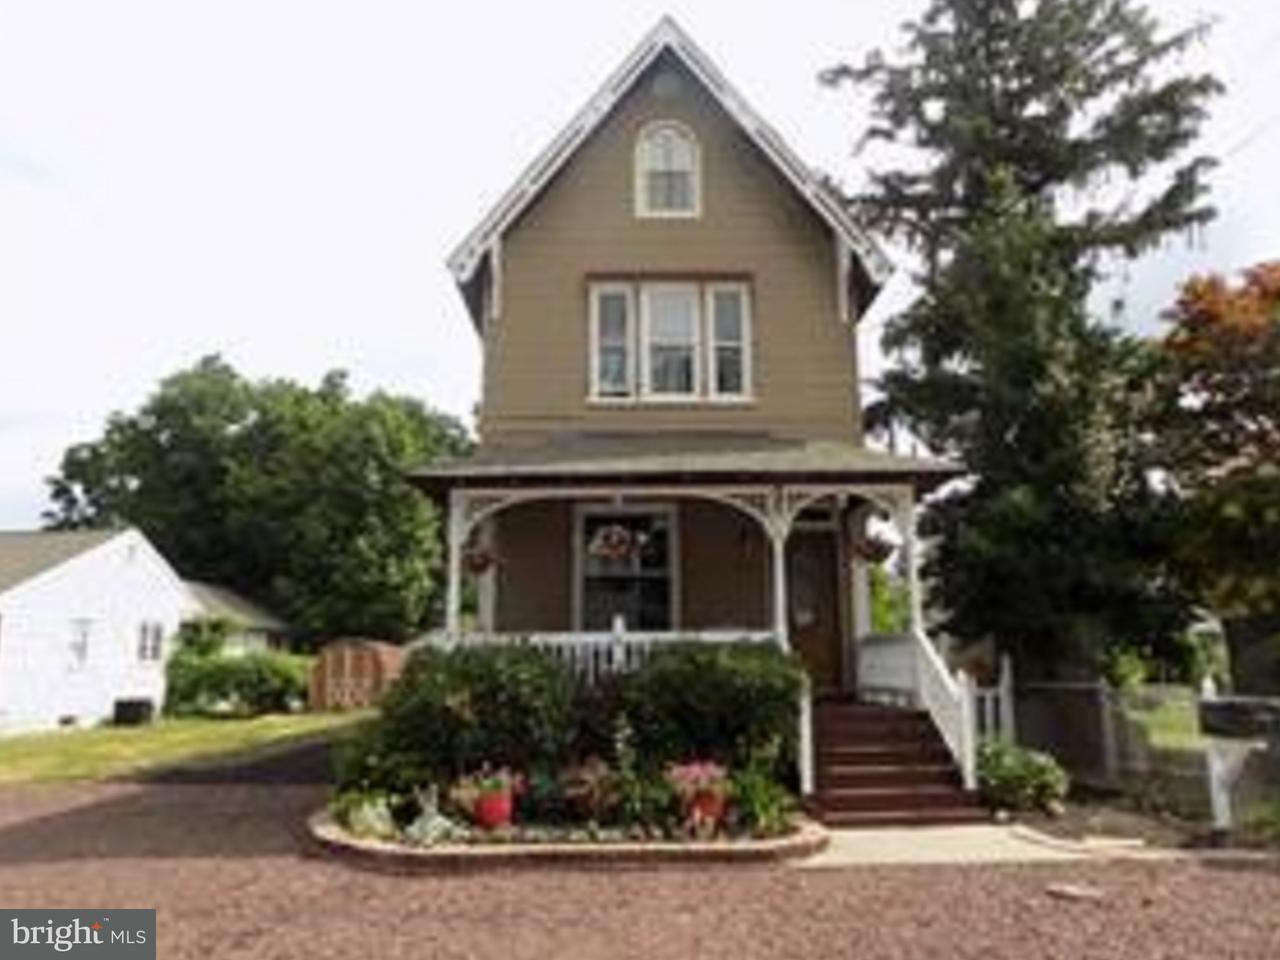 Частный односемейный дом для того Продажа на 214 HOLLY Street Delanco, Нью-Джерси 08075 Соединенные Штаты